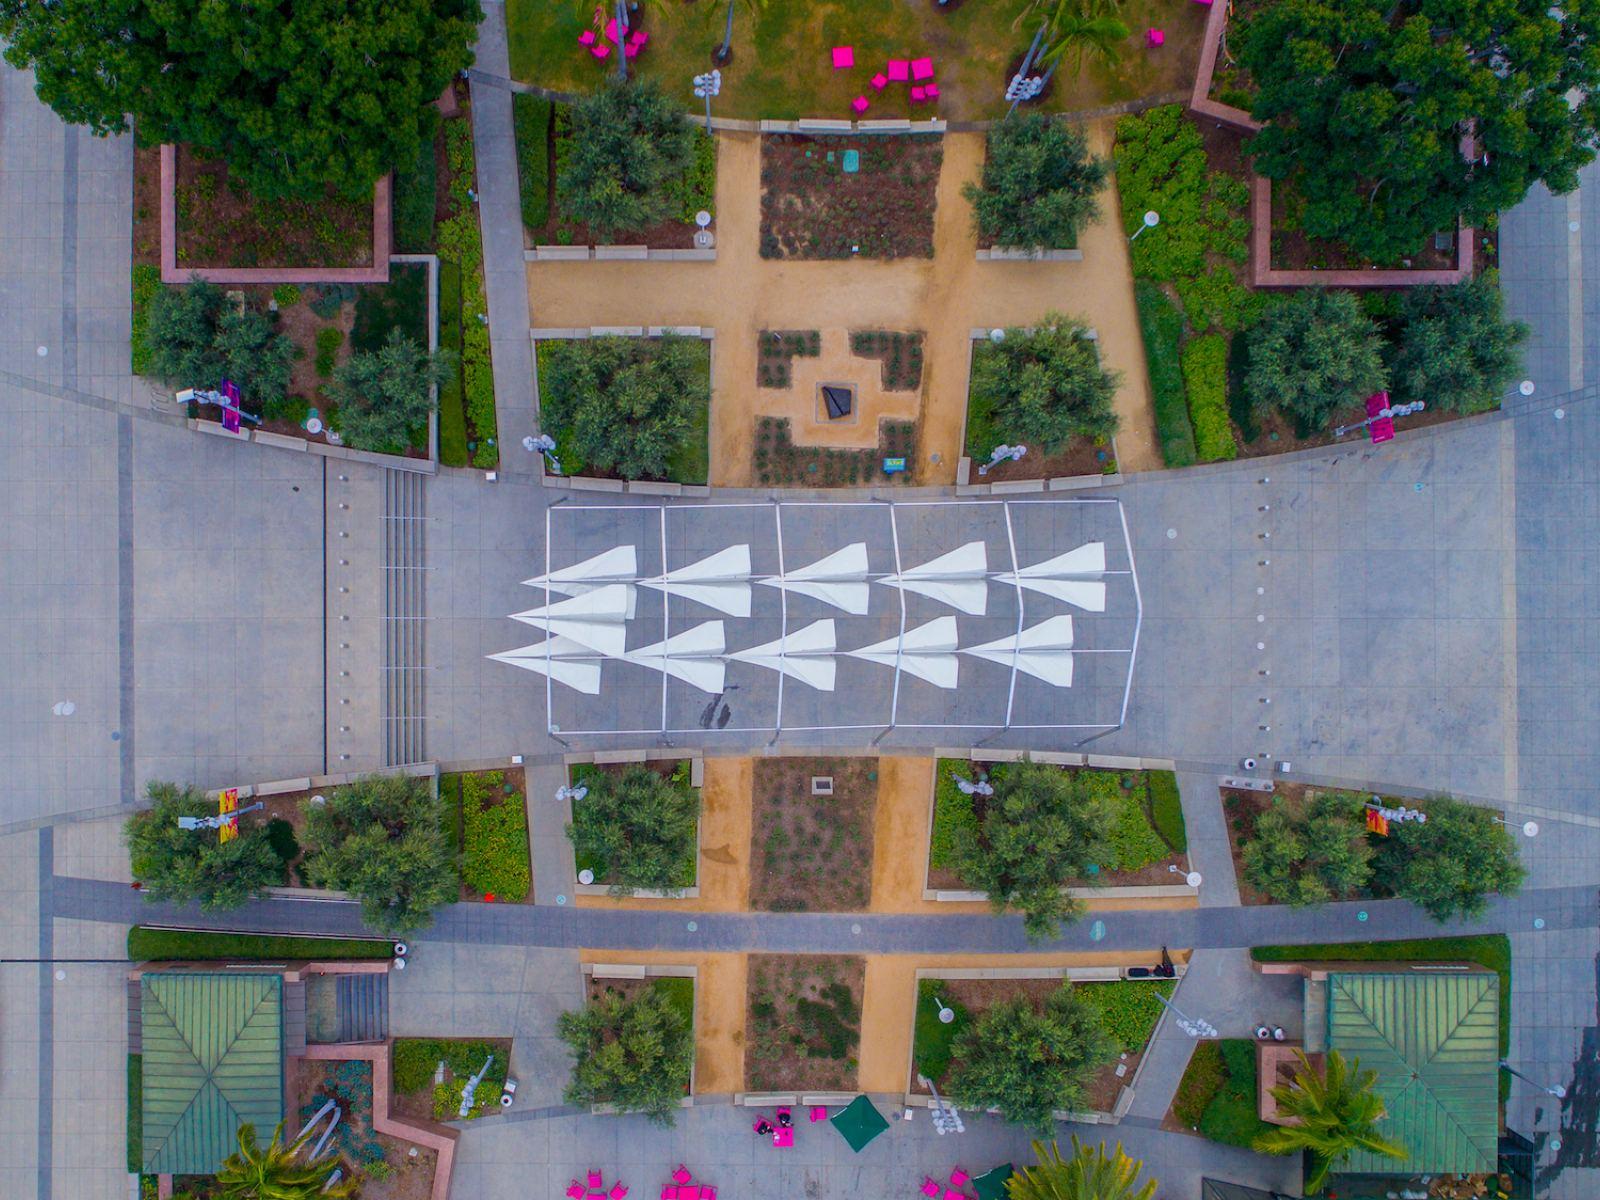 Chen Ming, 200 feet above Grand Park, 2016. Inkjet digital print. Courtesy of the artist